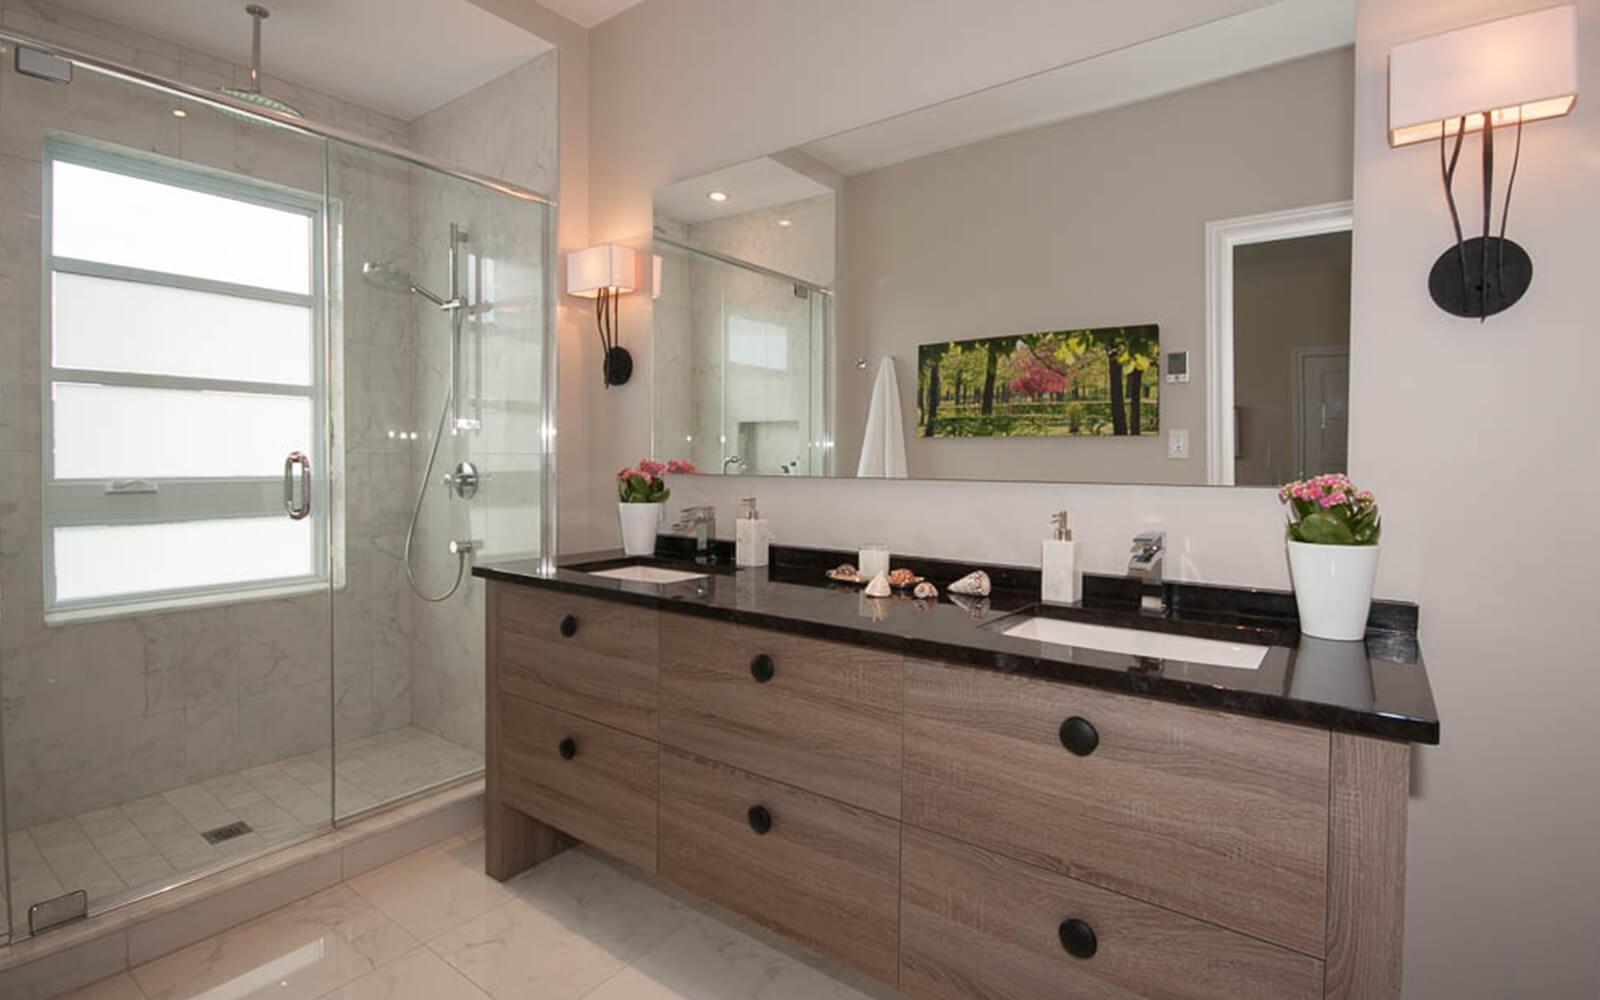 Projet de rénovation de salle de bain réalisée par la designer d'intérieur Lyne Côté